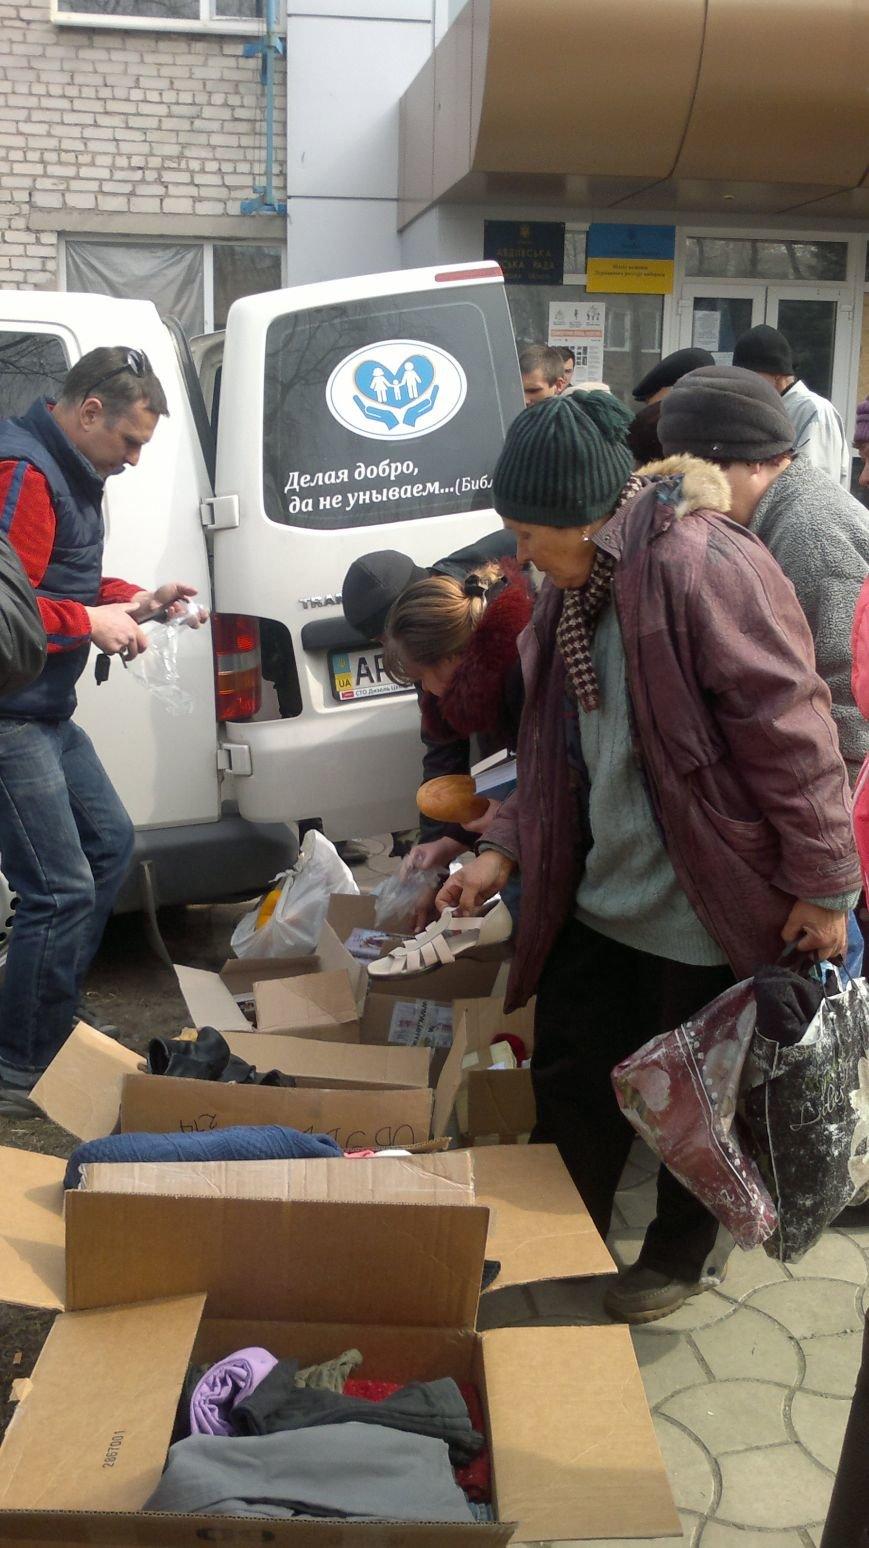 Начиная с марта этого года Городской центр помощи в Запорожье возит хлеб авдеевцам (ФОТО), фото-1